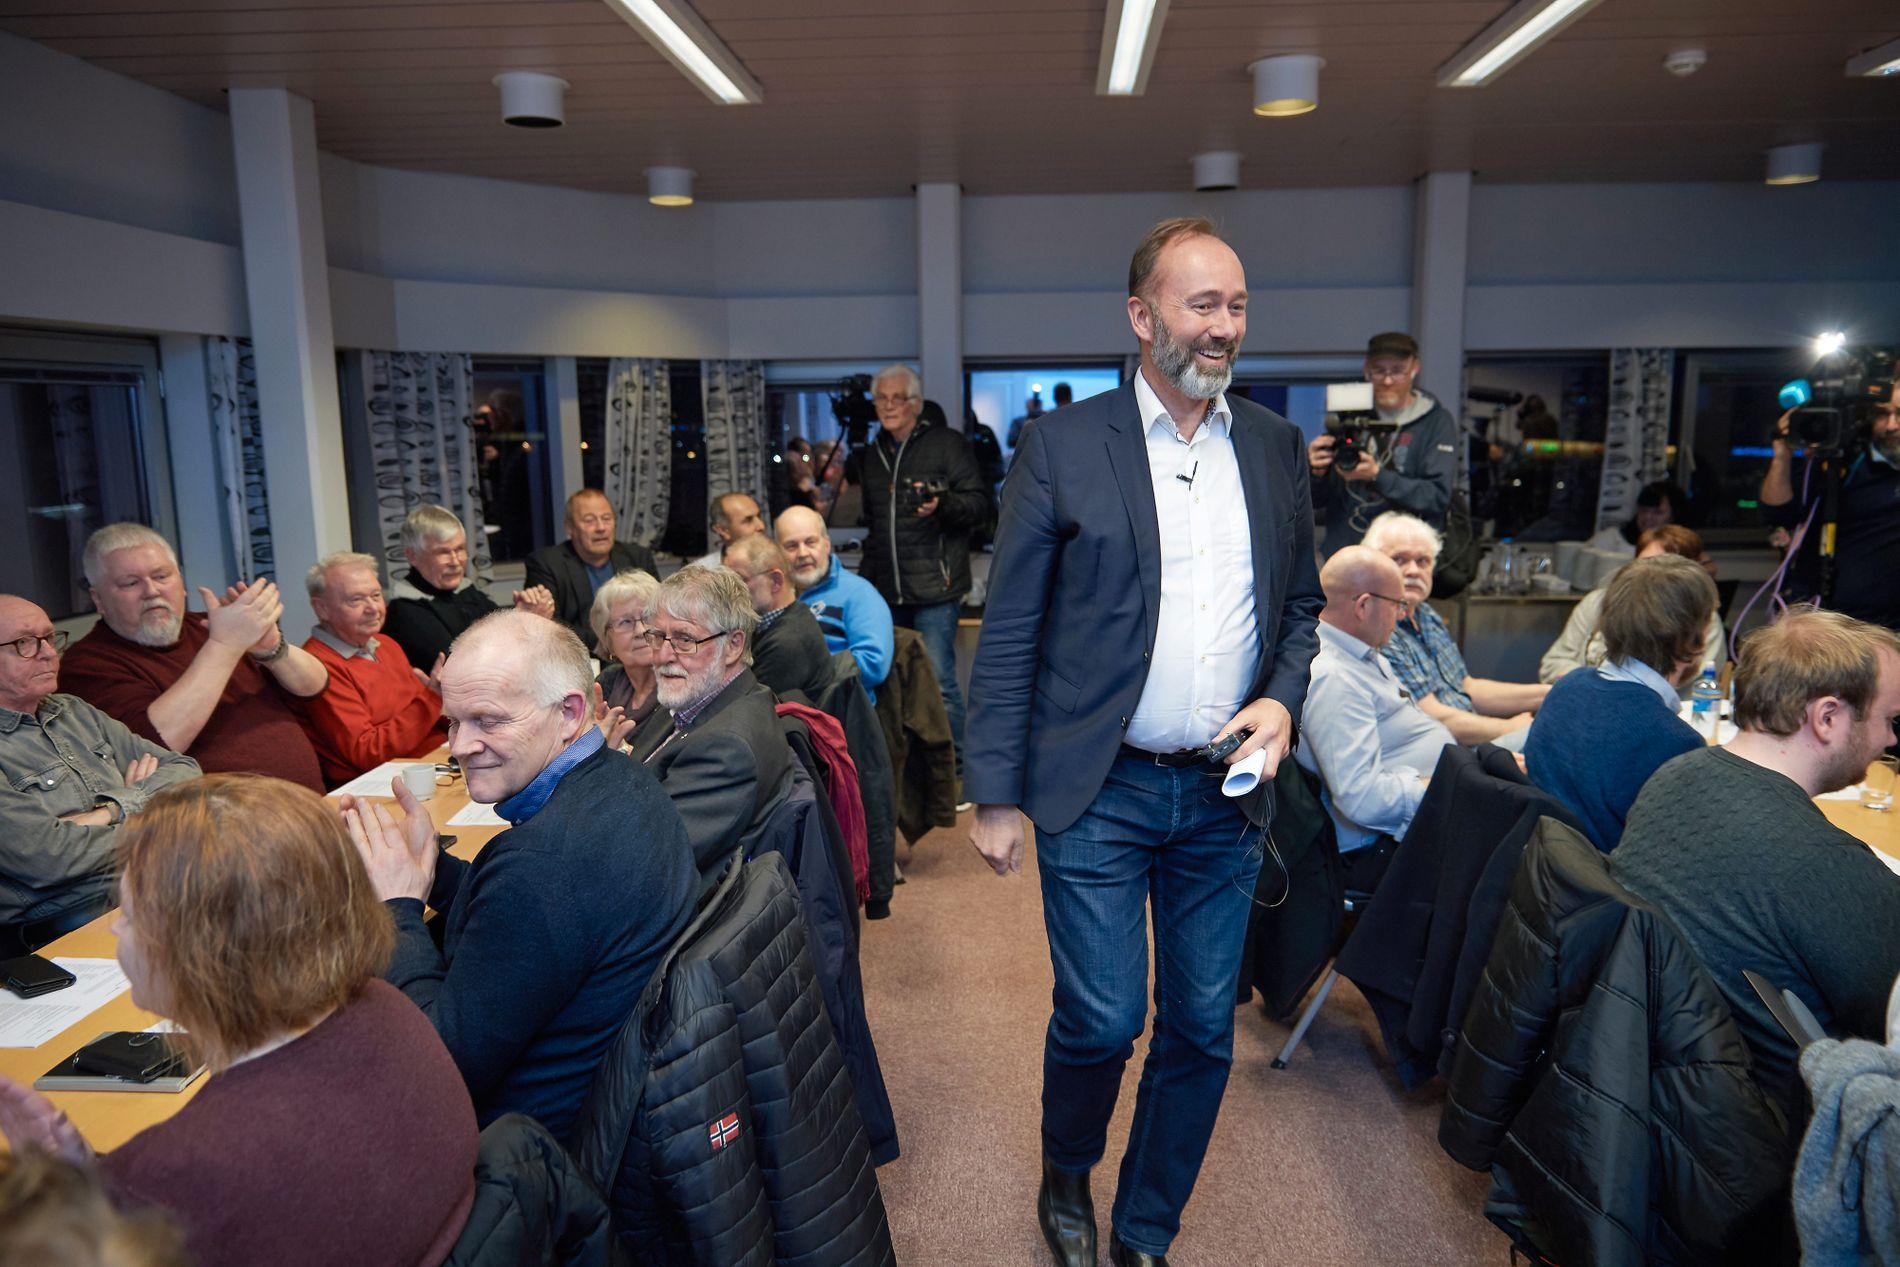 PÅ ÅRSMØTET: Trond Giske var på Steinkjer Aps årsmøte onsdag kveld for å holde den politiske innledningen.